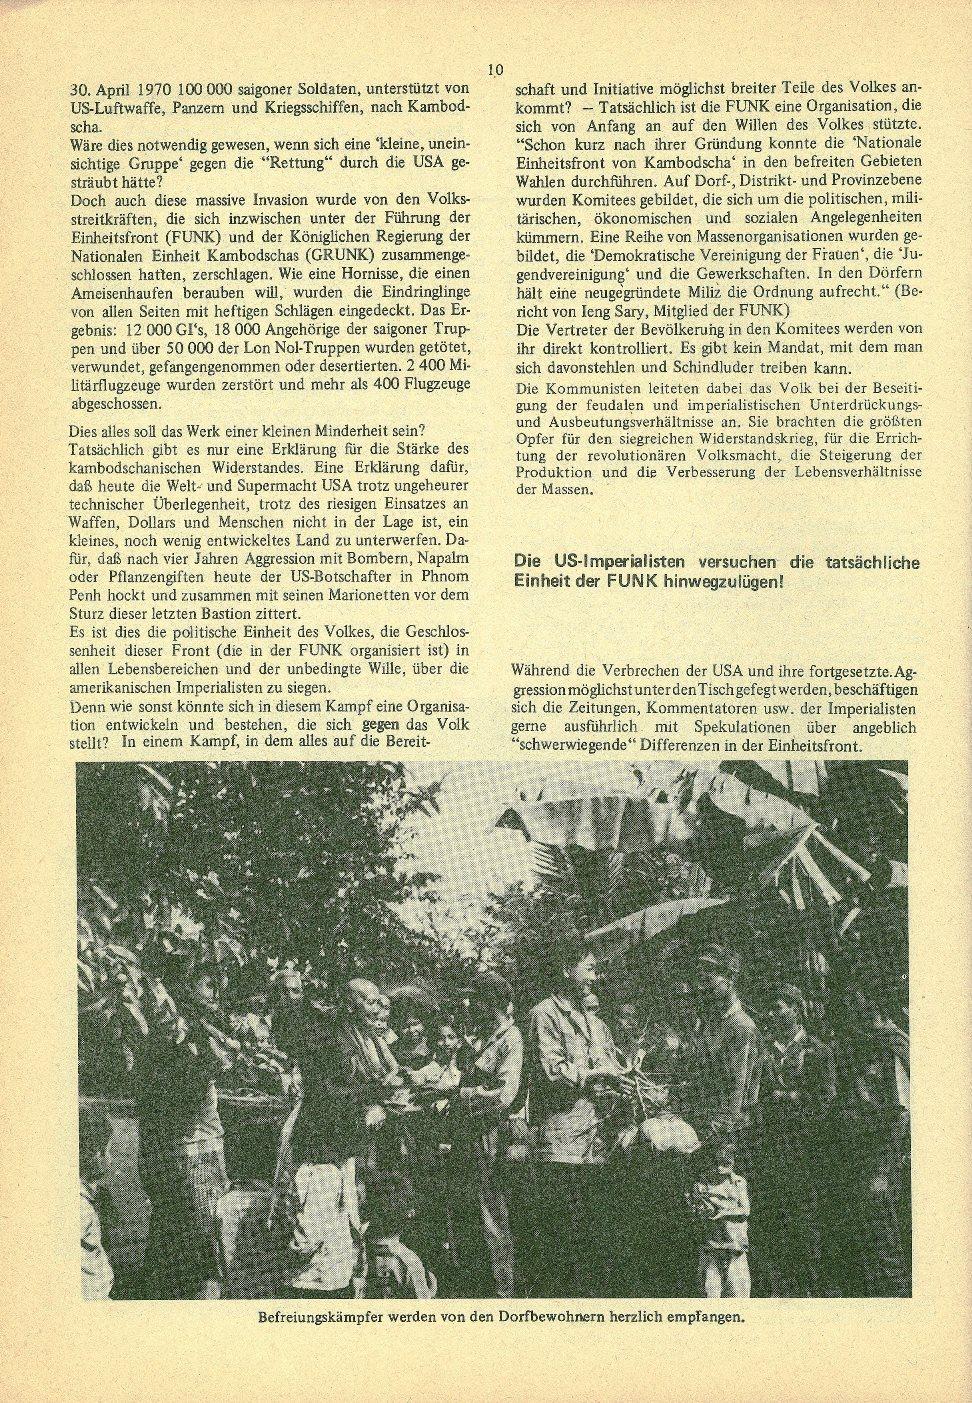 Kambodscha_1974_Das_Volk_besiegt_den_Imperialismus010